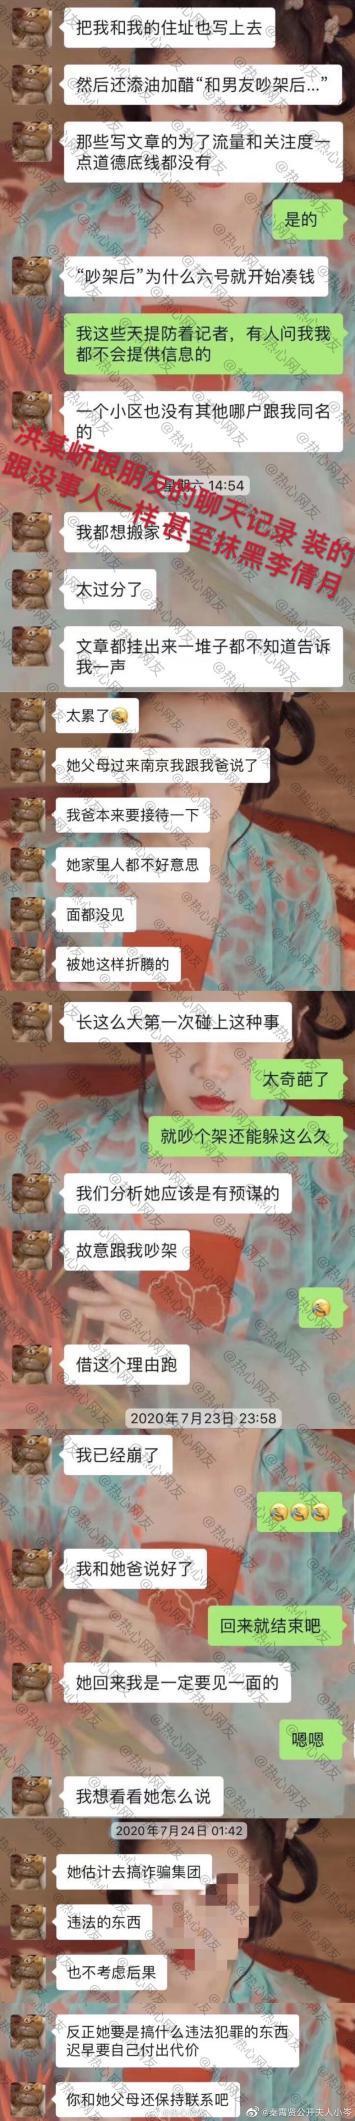 """南京失联女大学生云南遇害案起底:同居男友被抓前还在抹黑死者是去搞诈骗,被曝是""""战地记者""""经常出轨"""